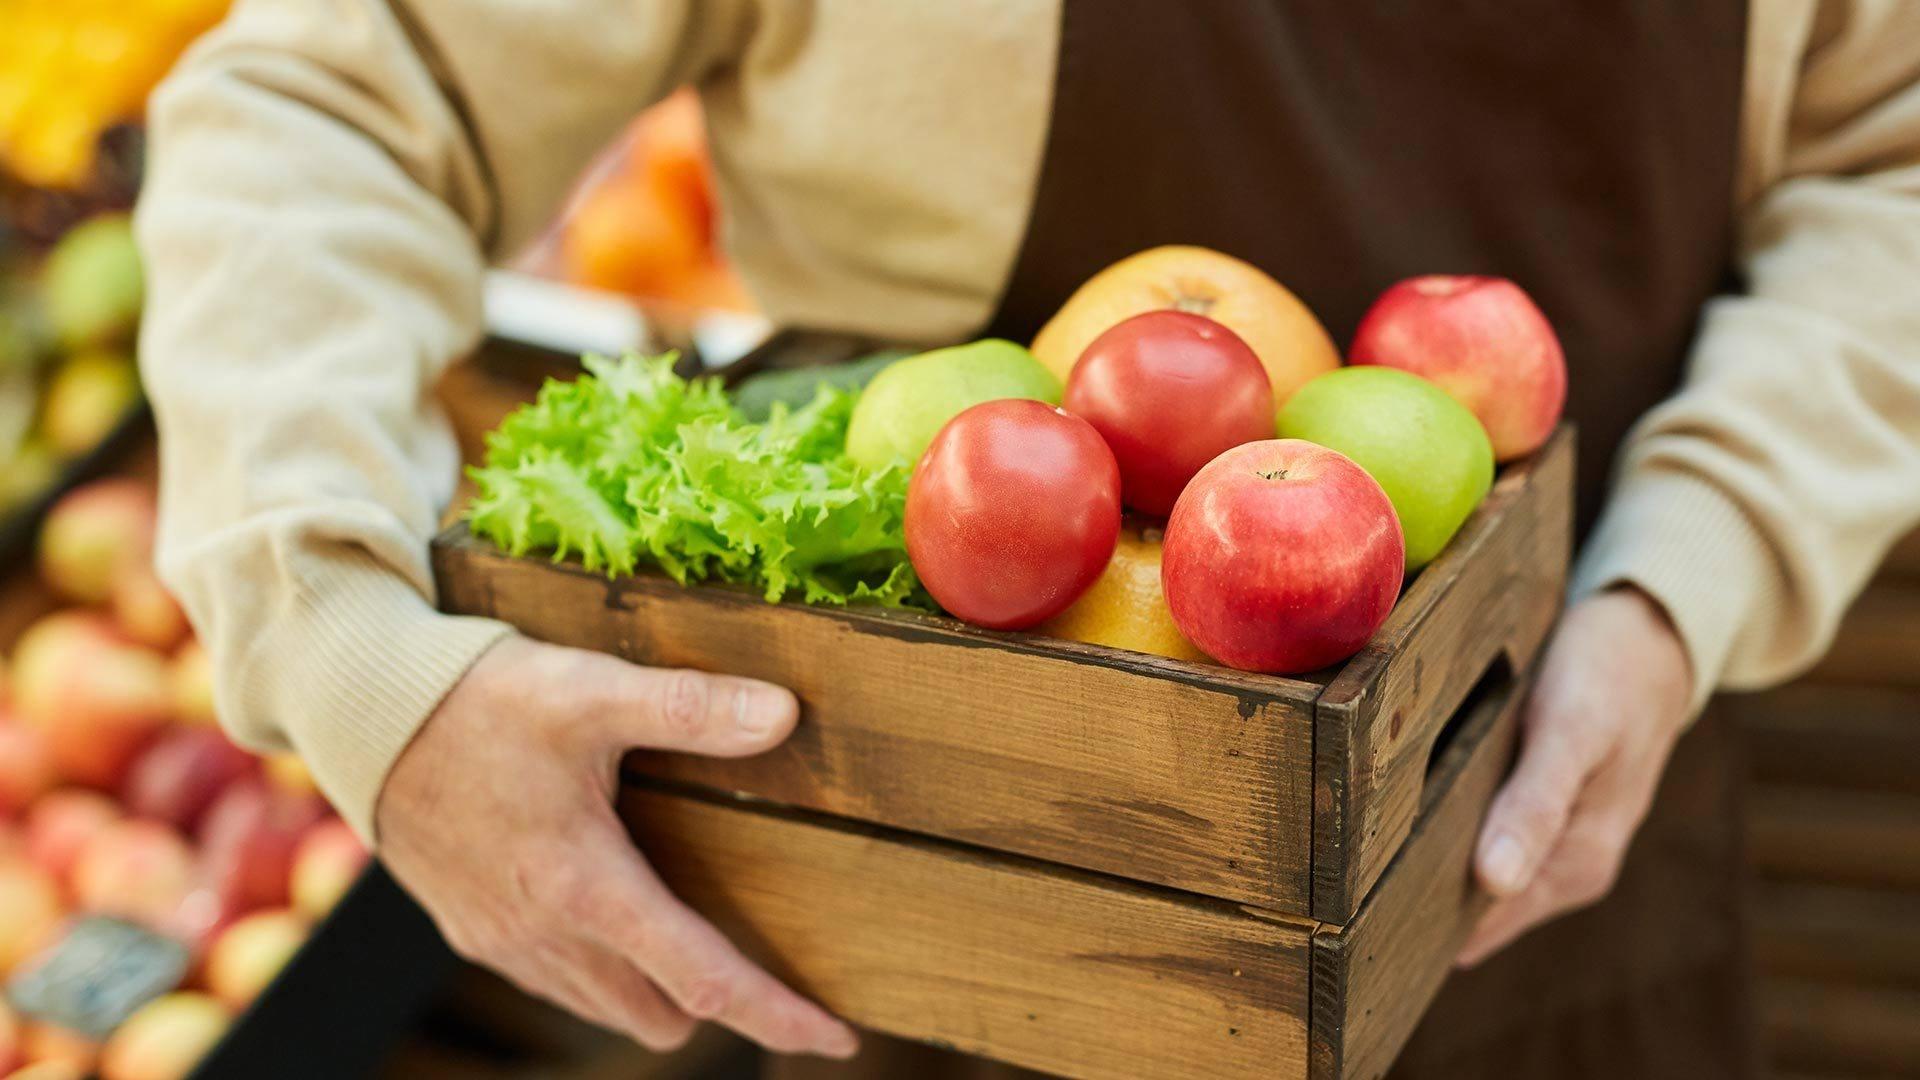 L'agglomération accompagne les acteurs de l'agriculture locale et les circuits courts